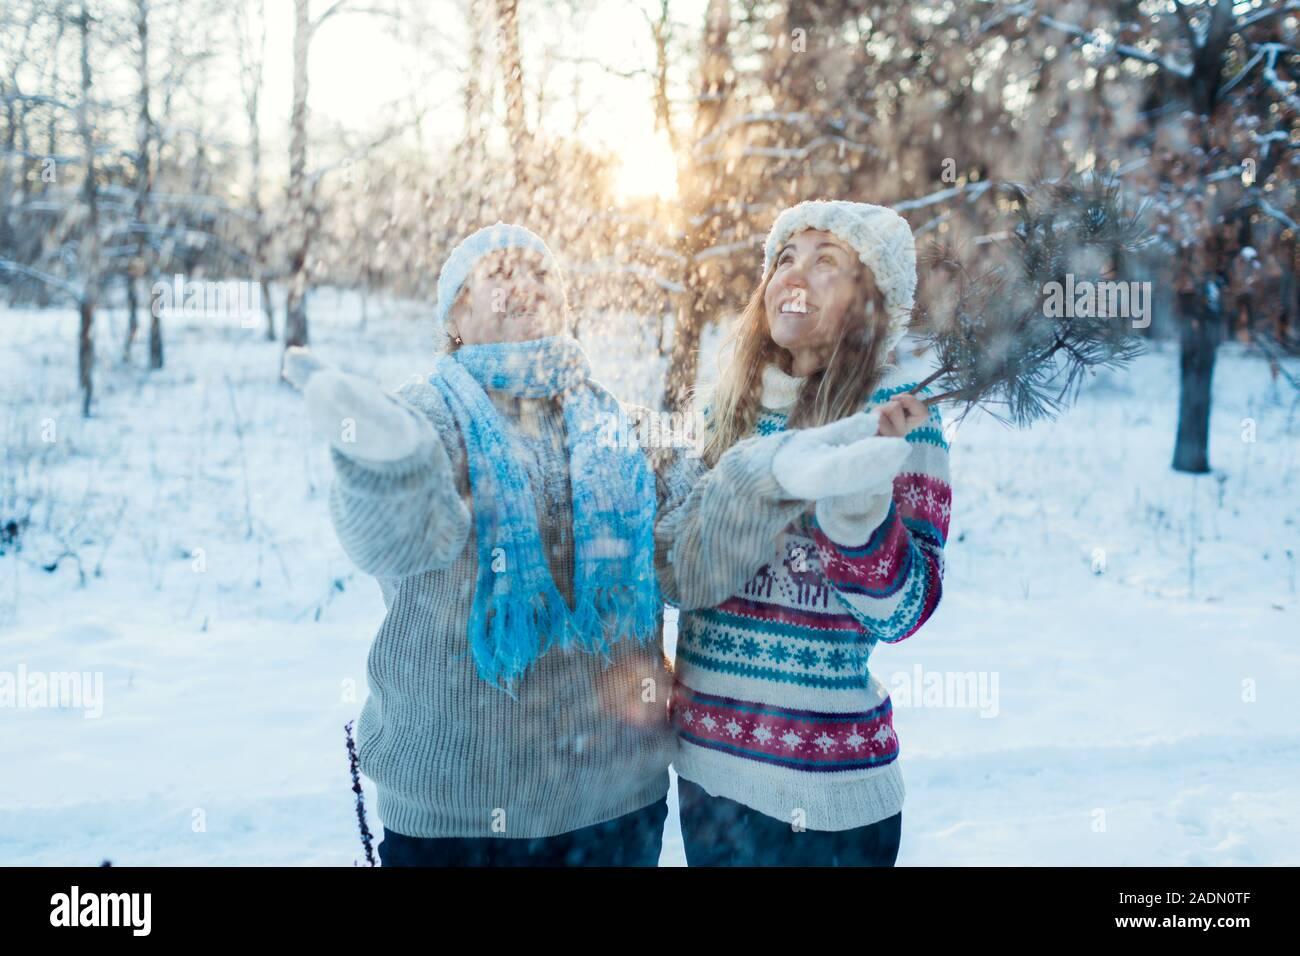 Divertidas actividades de invierno. Madre e hija adulta arrojar nieve afuera. Familia relajante en el bosque para vacaciones Foto de stock